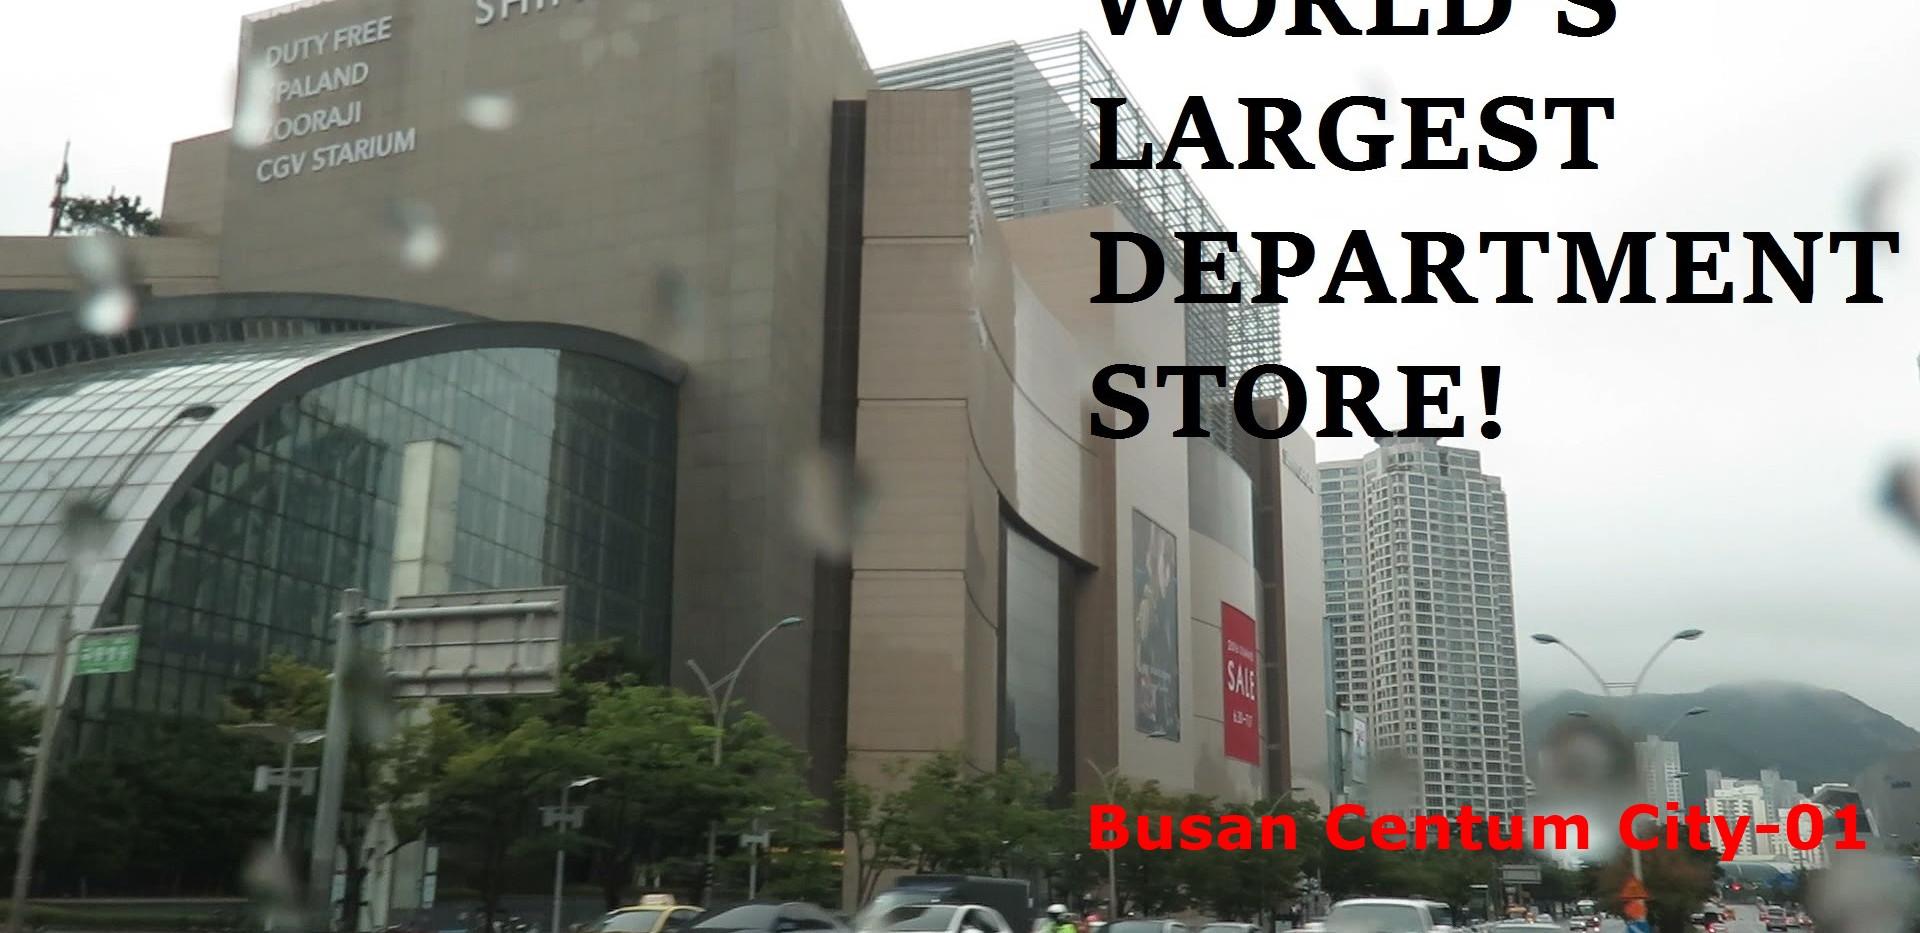 Busan Centum City-01.jpg